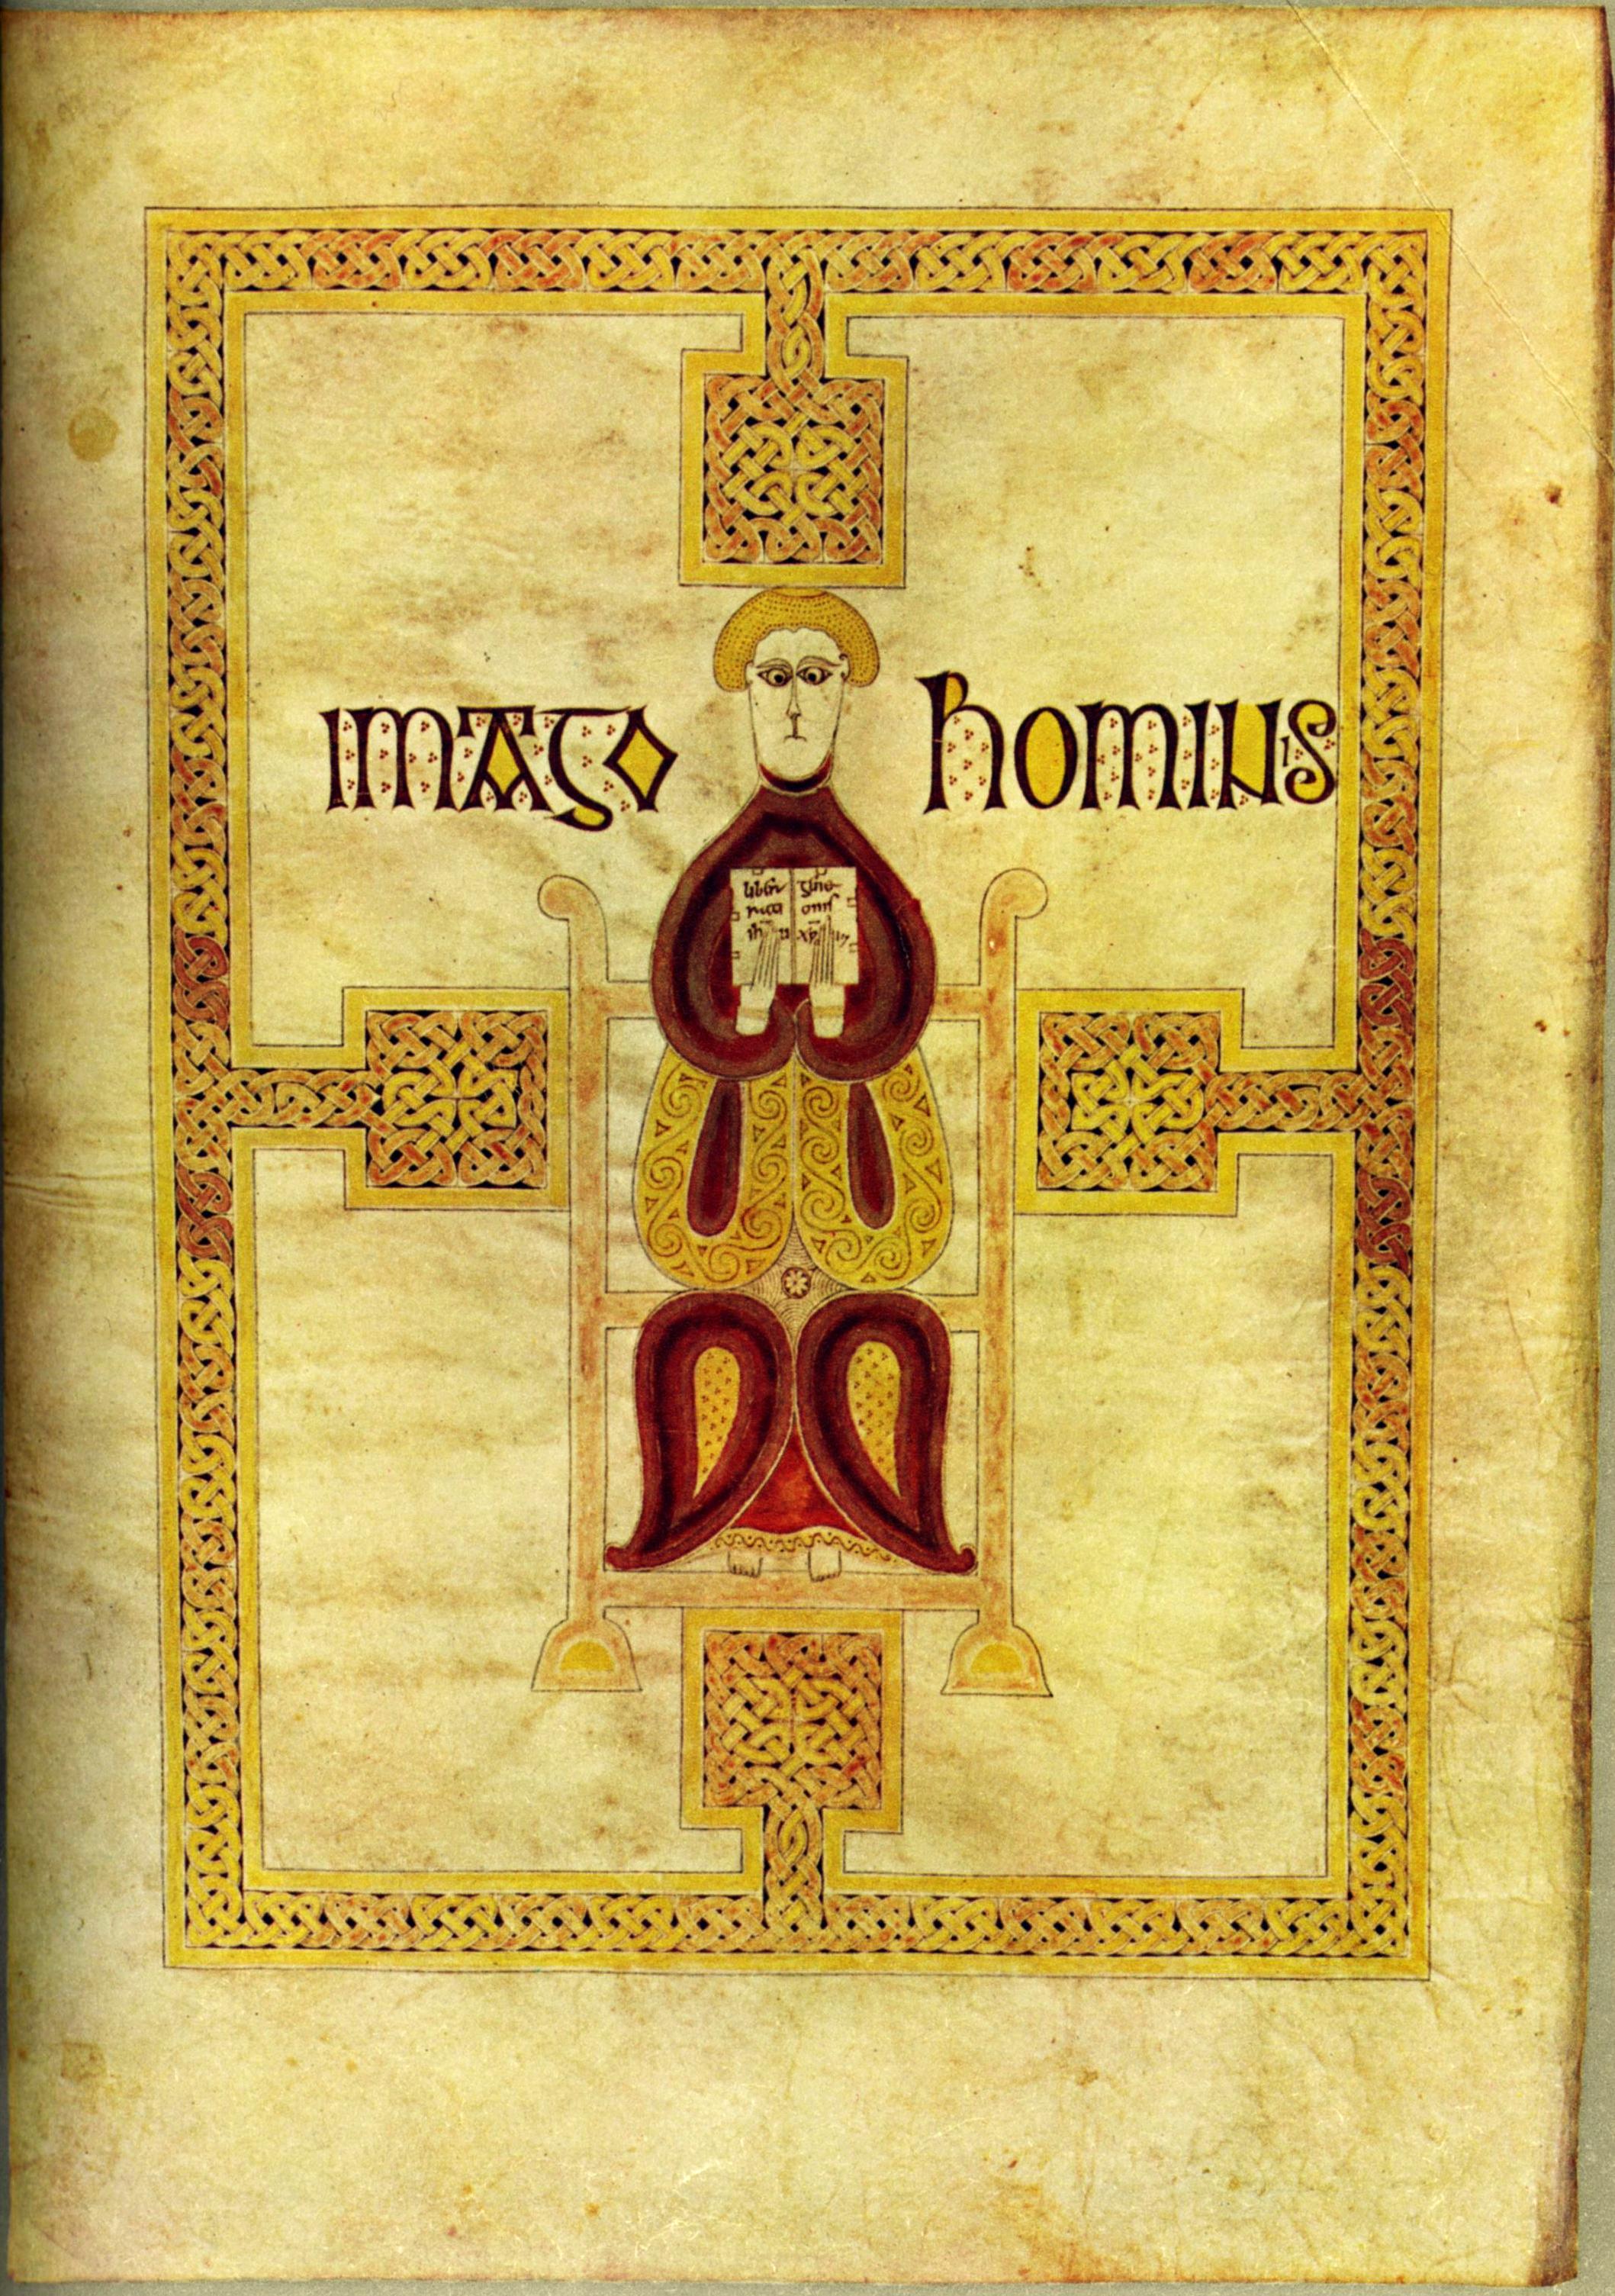 Fileechternach gospels the man symbol of st matthewg fileechternach gospels the man symbol of st matthewg biocorpaavc